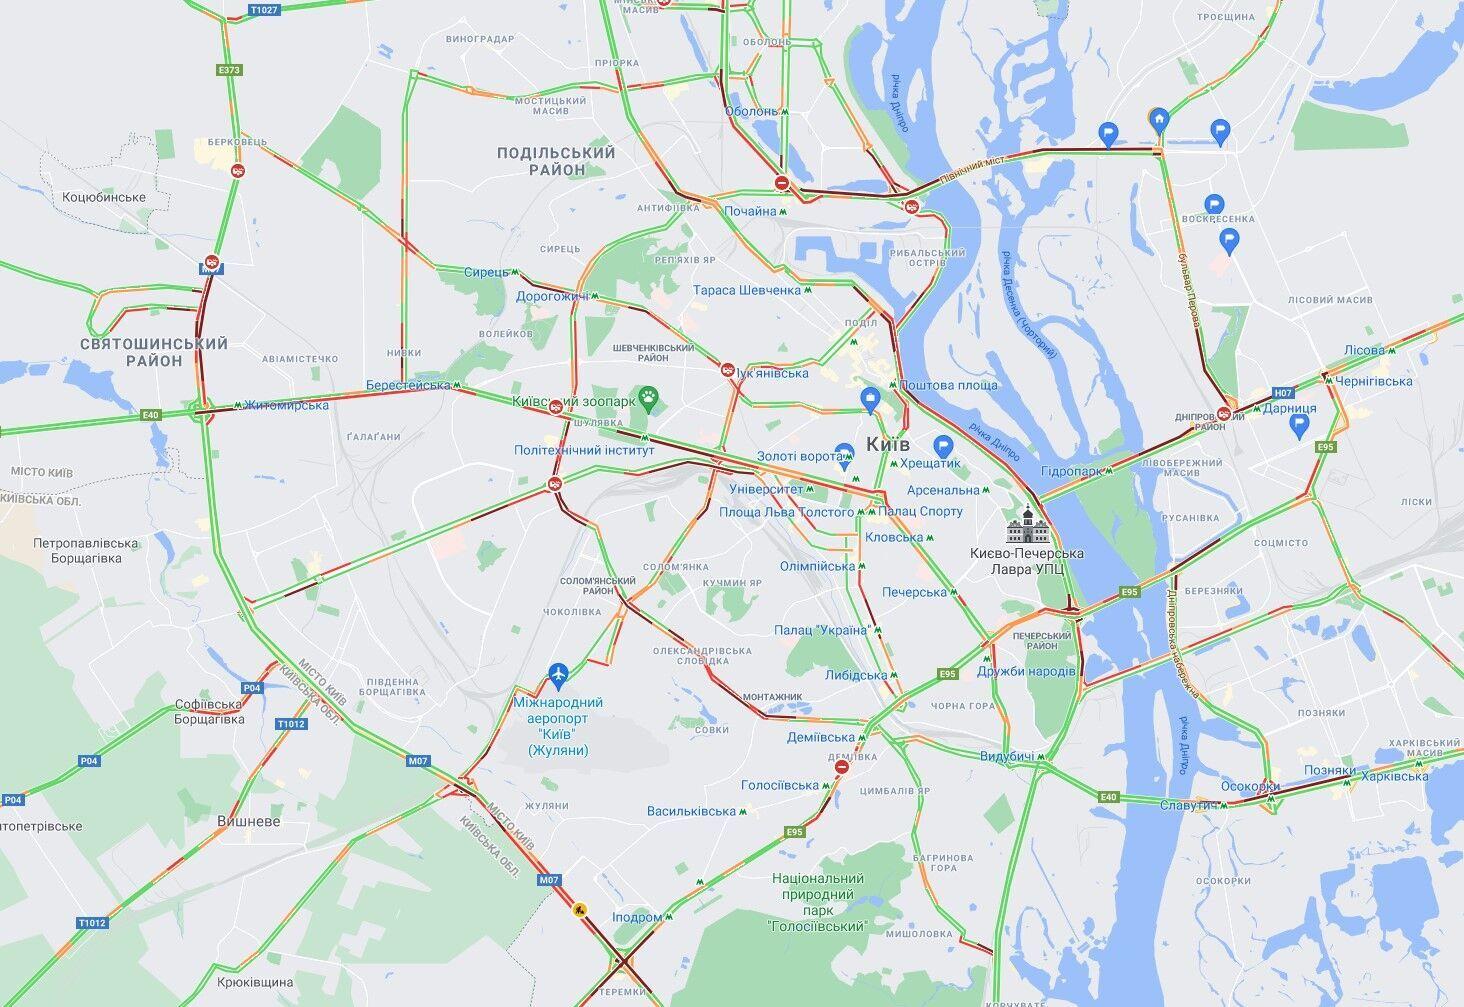 ДТП и ремонты дорог спровоцировали многочисленные пробки в Киеве.